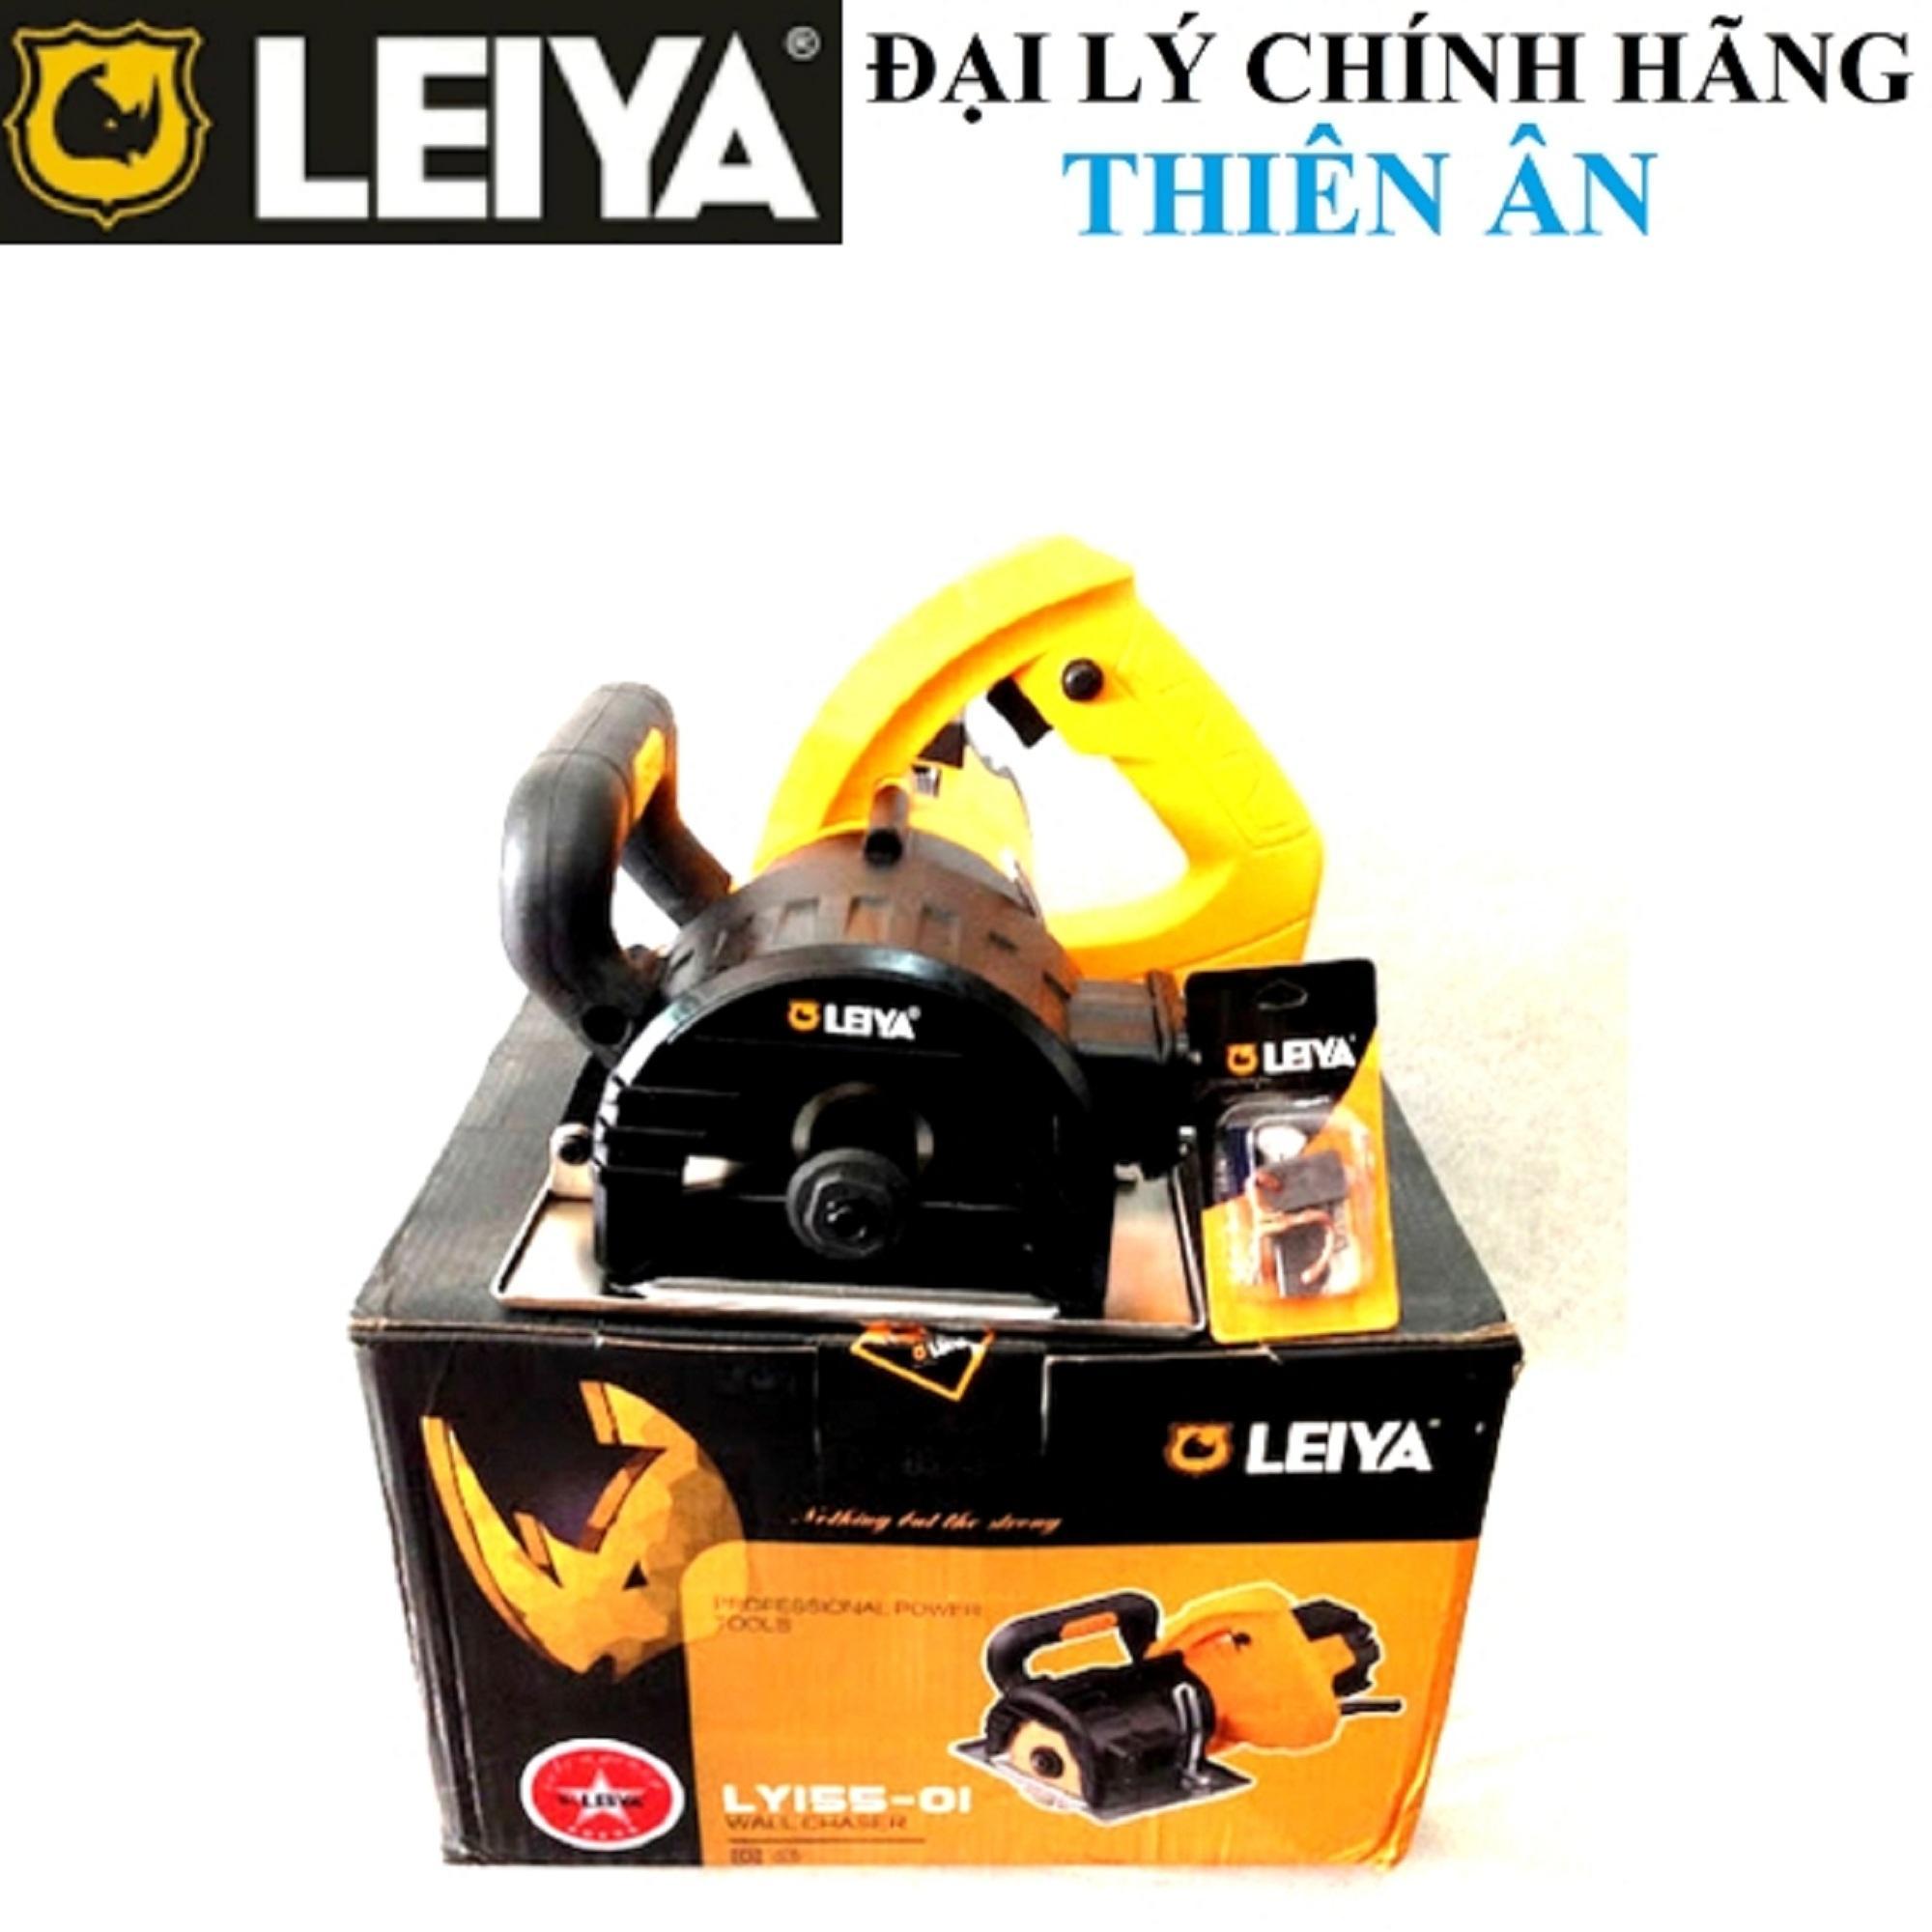 Máy cắt tường đi ống điện/nước LEIYA LY155-01 5 lưỡi cắt (100-125mm)